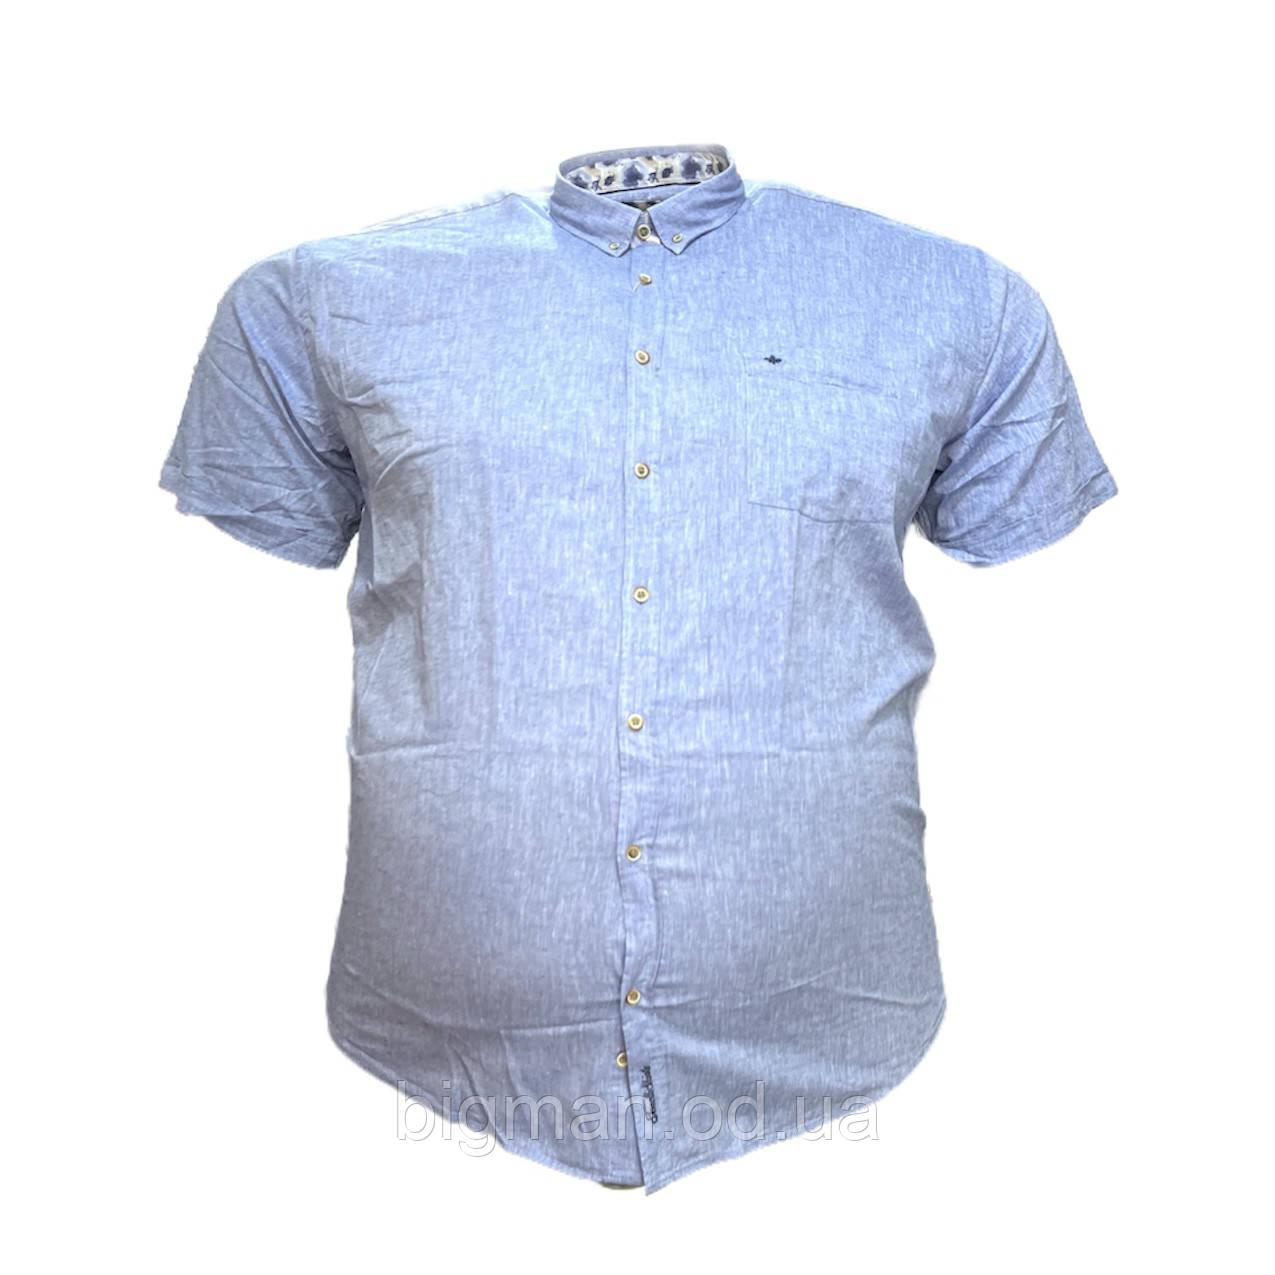 Чоловіча льон сорочка з коротким рукавом Tonelli 16075 2XL 3XL 4XL 5XL блакитна великі розміри батал Туреччина